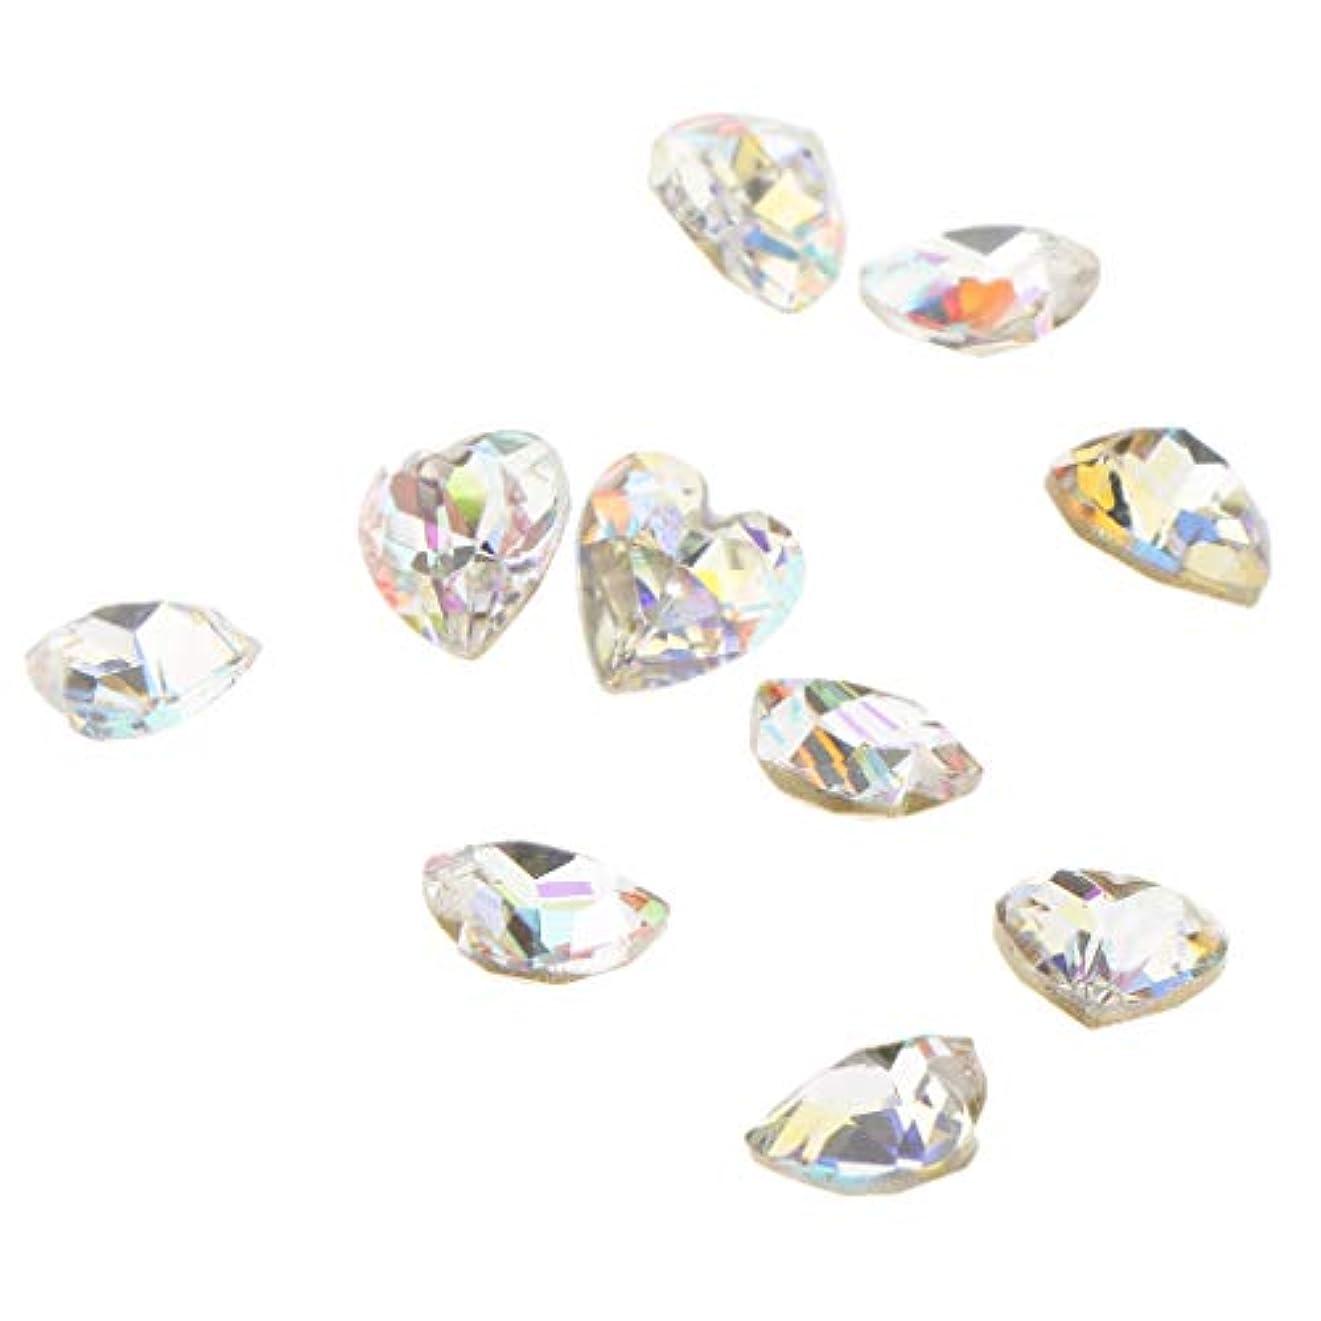 転倒浸食承認する10個ネイルアート3Dブリンブリンガラスダイヤモンドのヒント装飾美容ネイルチャーム - ハート1